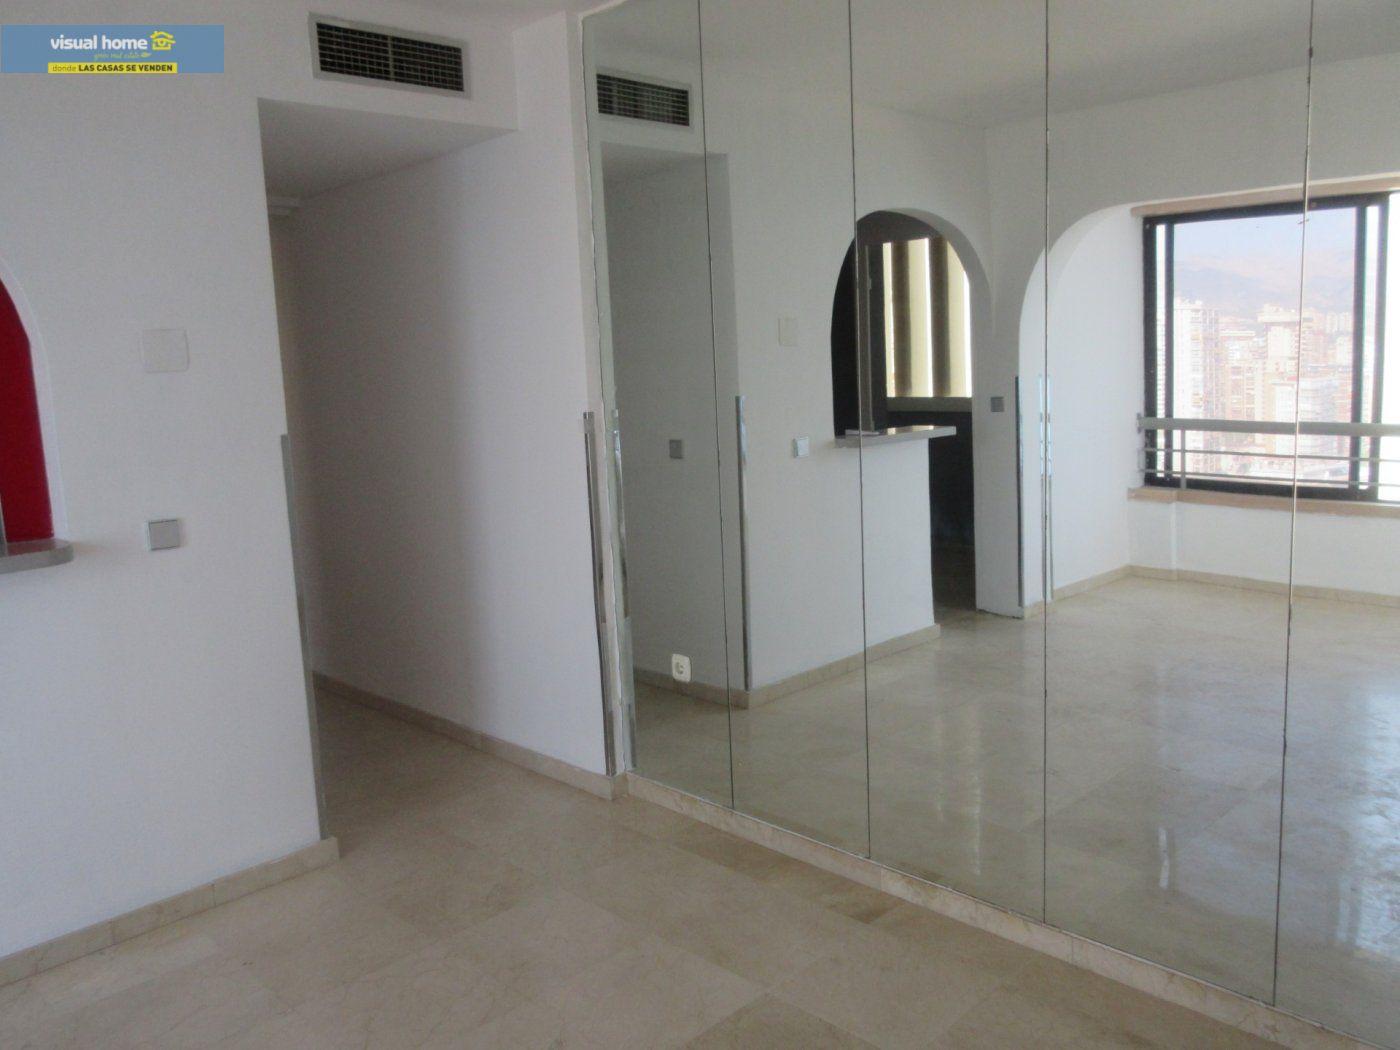 Apartamento de 1 dormitorio con espectaculares vistas  en 1ª linea de playa con parking y piscina 23